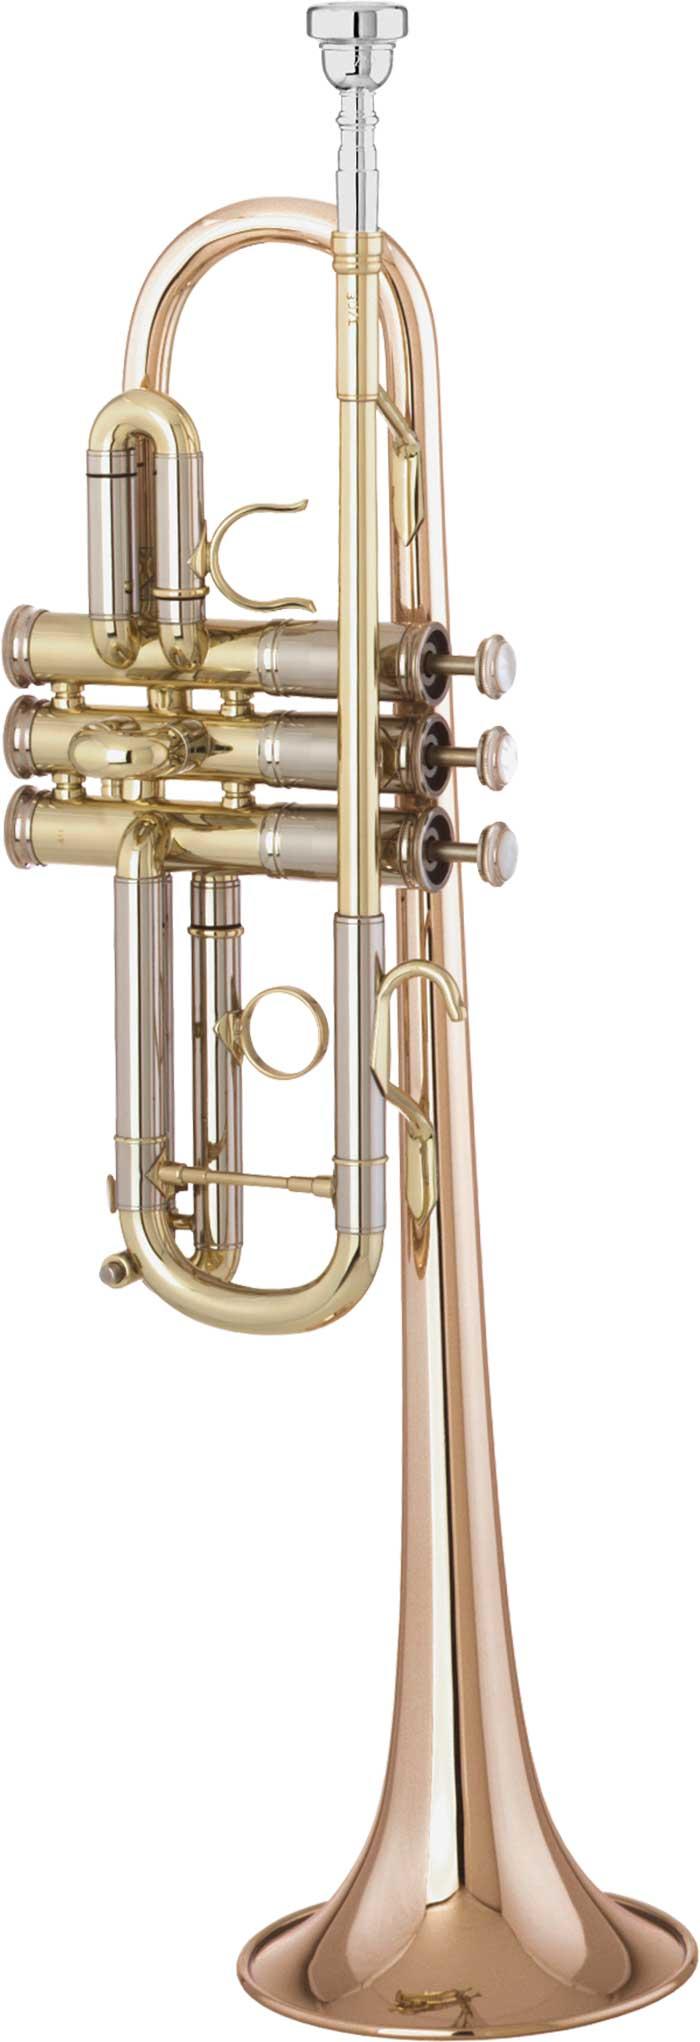 3071 C Trumpet